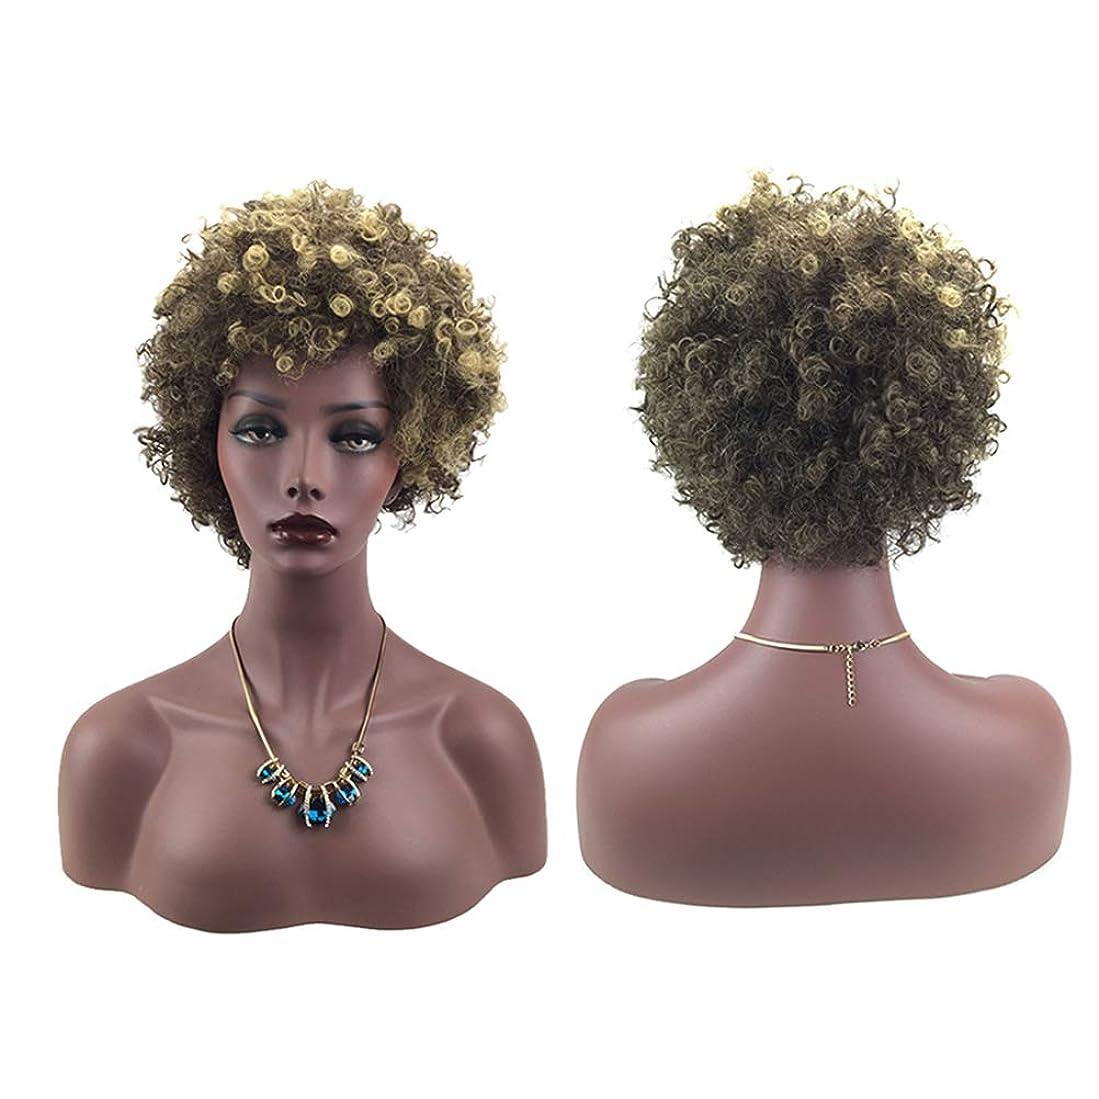 暴徒ボットであること女性ミニカーリーファッションヘアウィッグ自然に見える絶妙な弾性ネットウィッグカバー(66162)